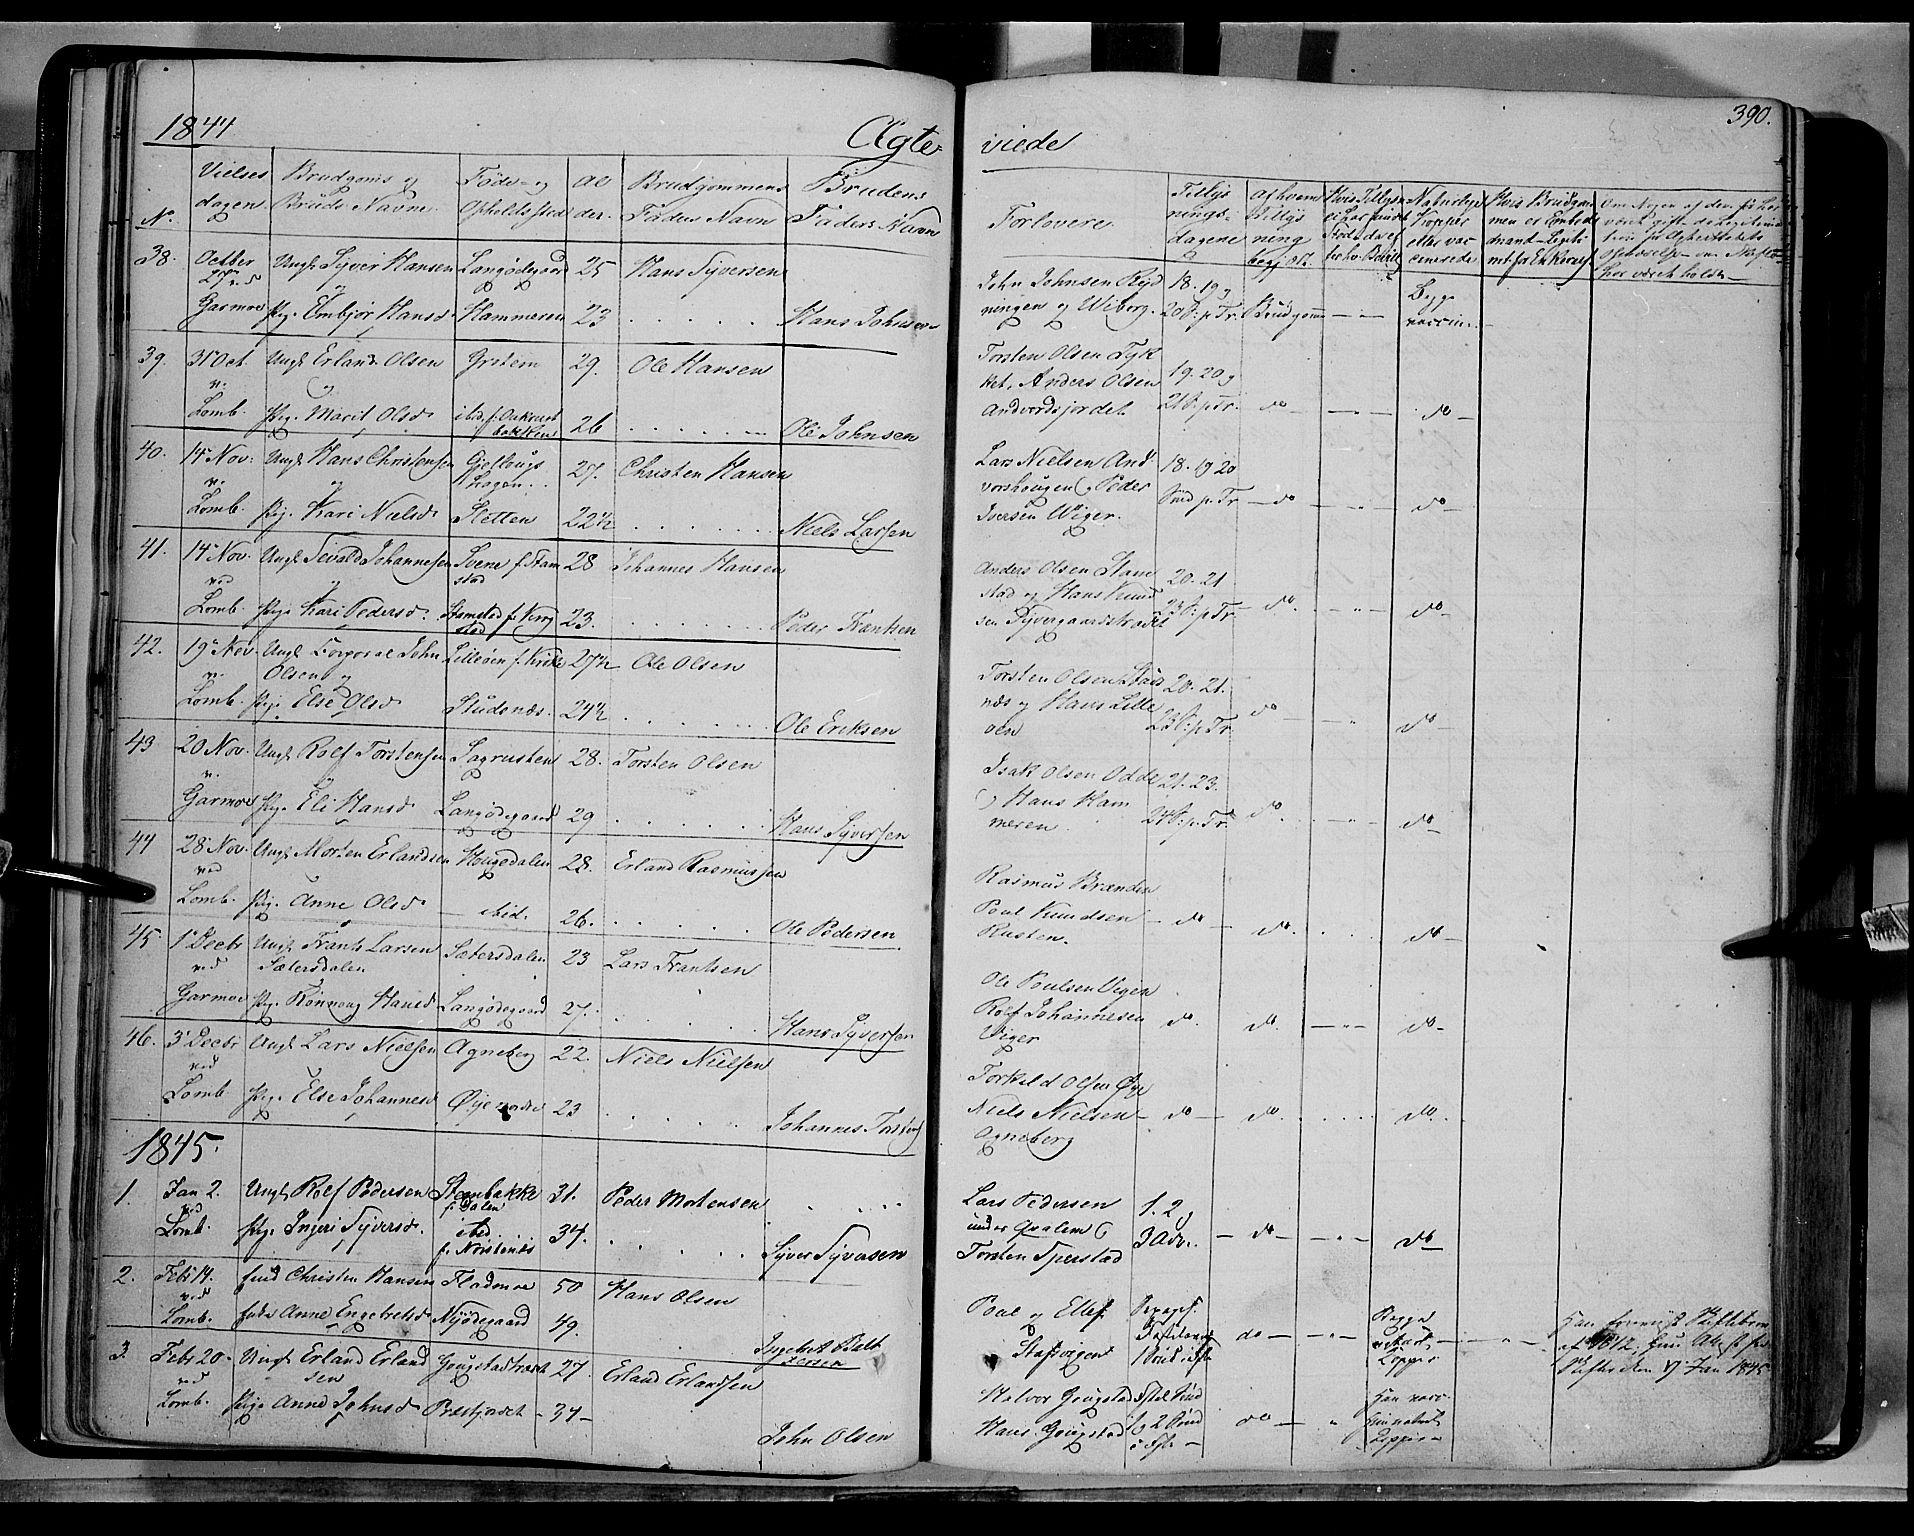 SAH, Lom prestekontor, K/L0006: Ministerialbok nr. 6B, 1837-1863, s. 390